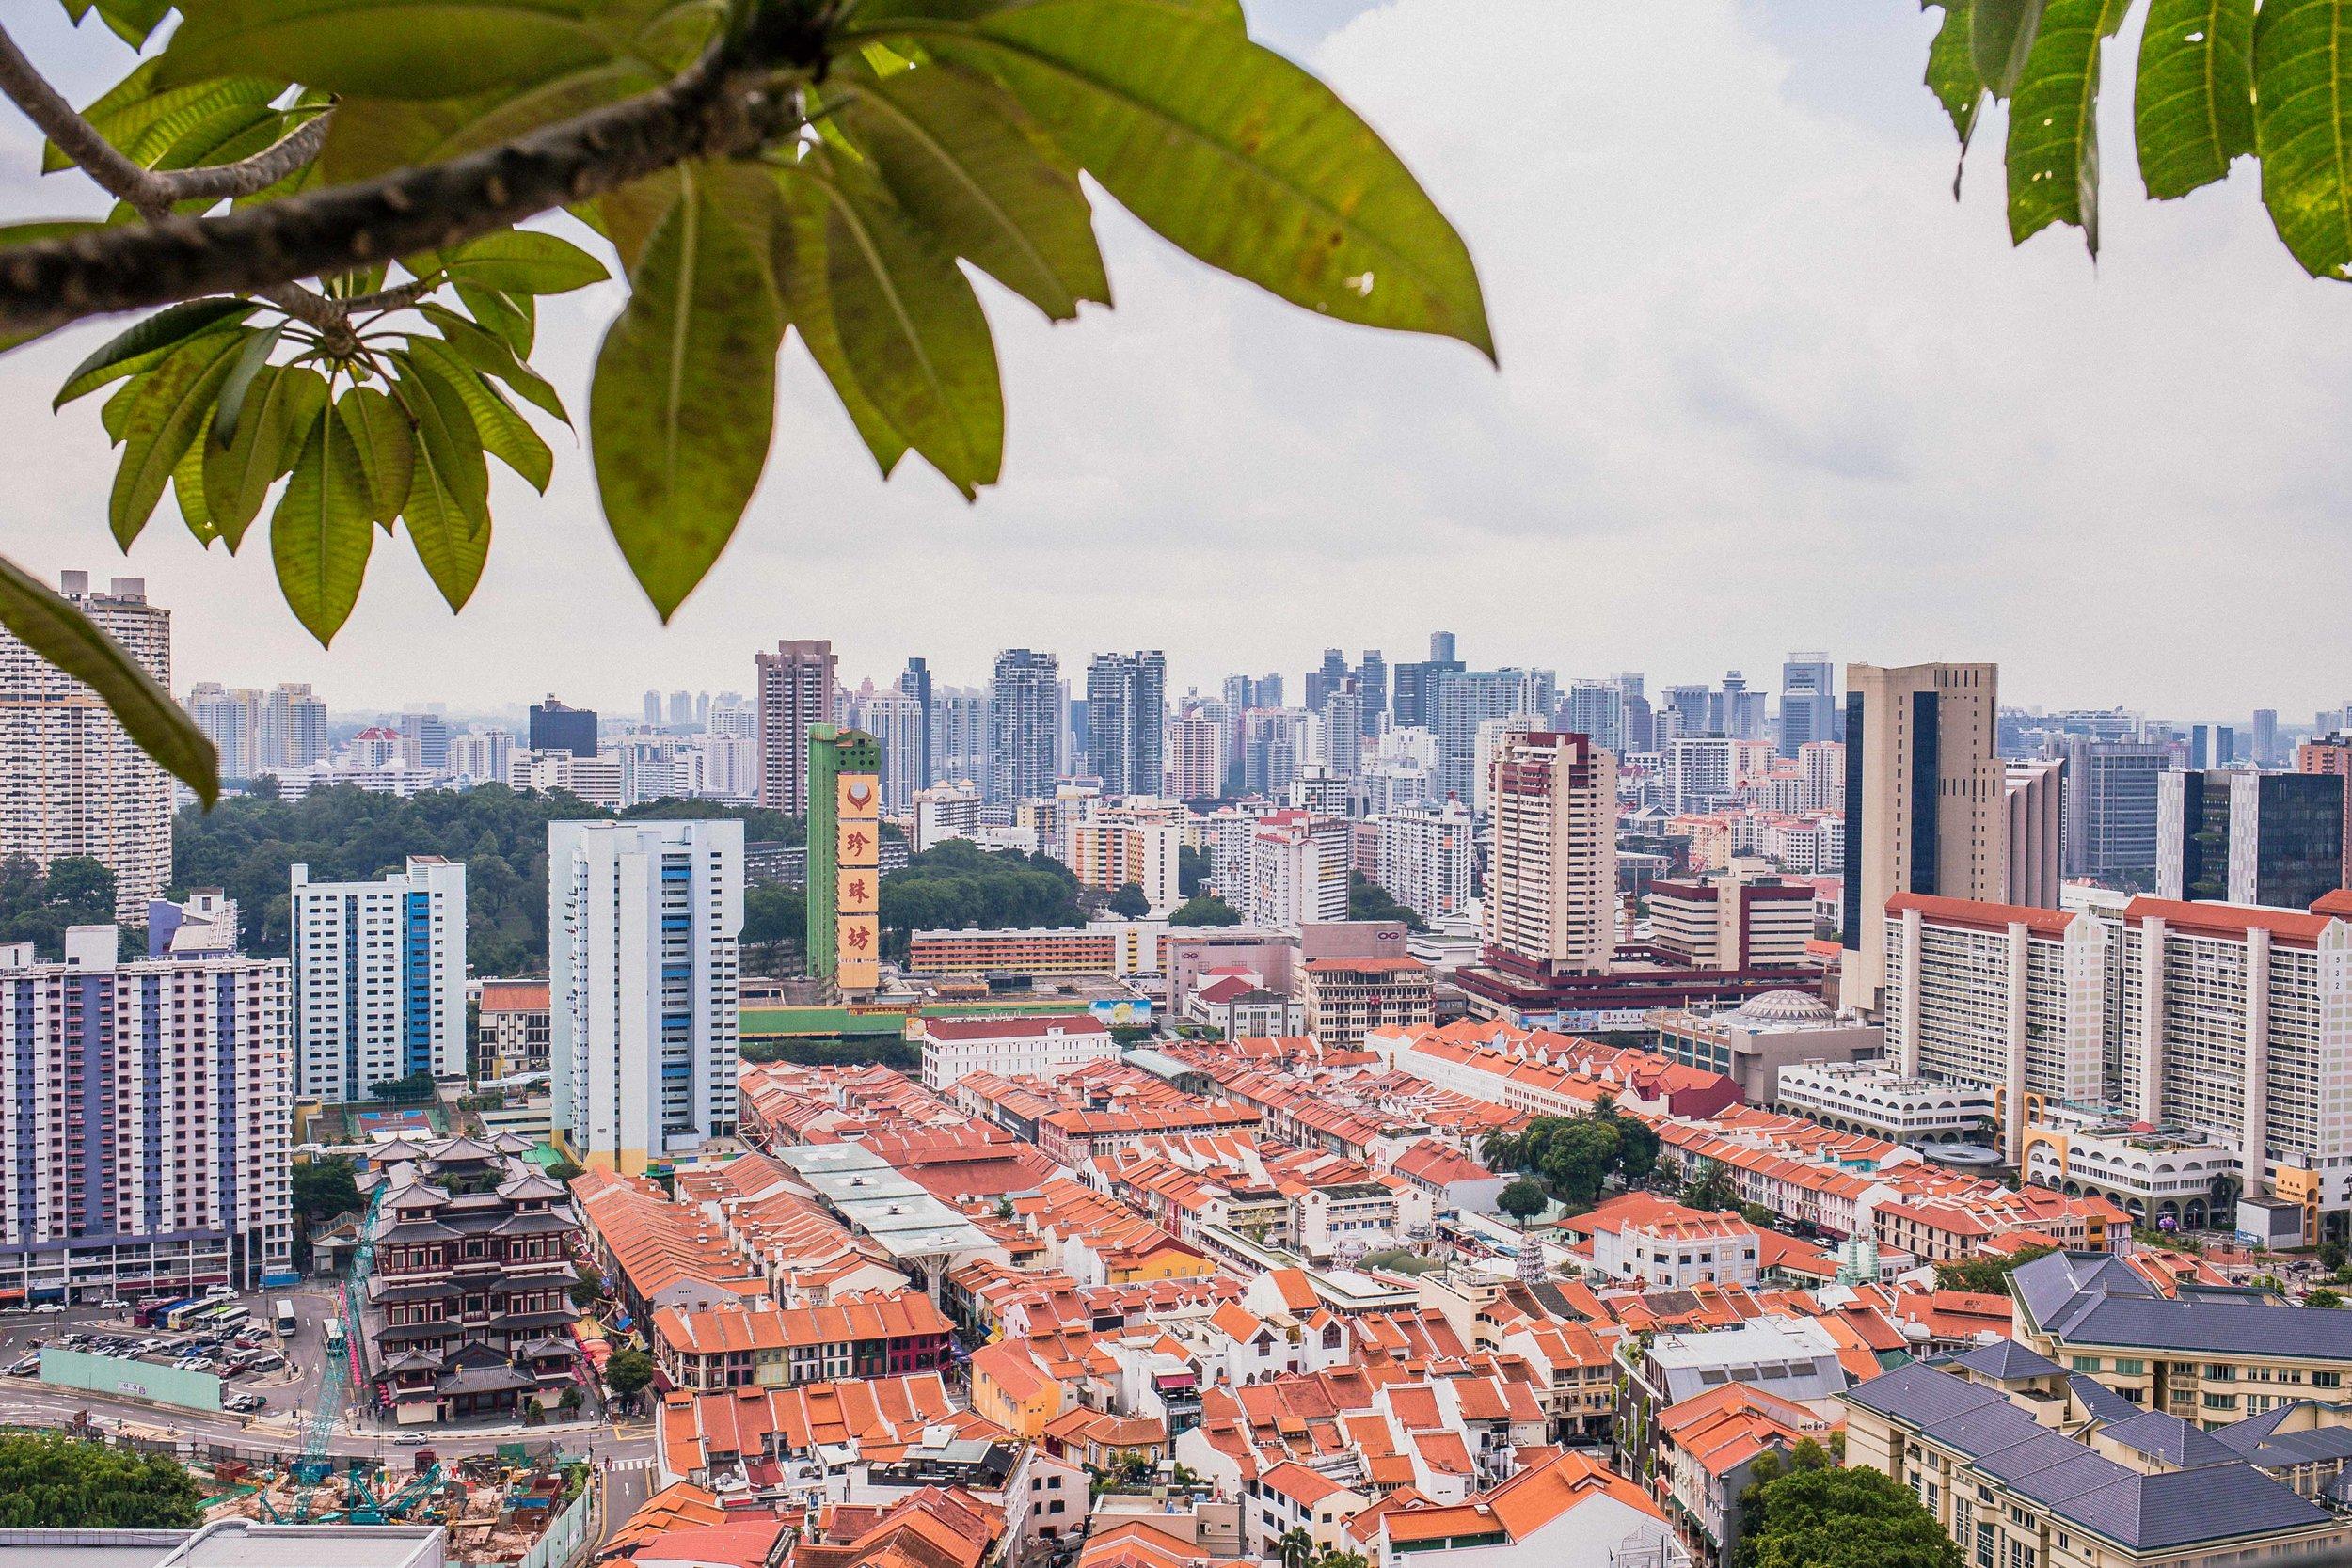 2017_04_28 Singapore-0297.jpg